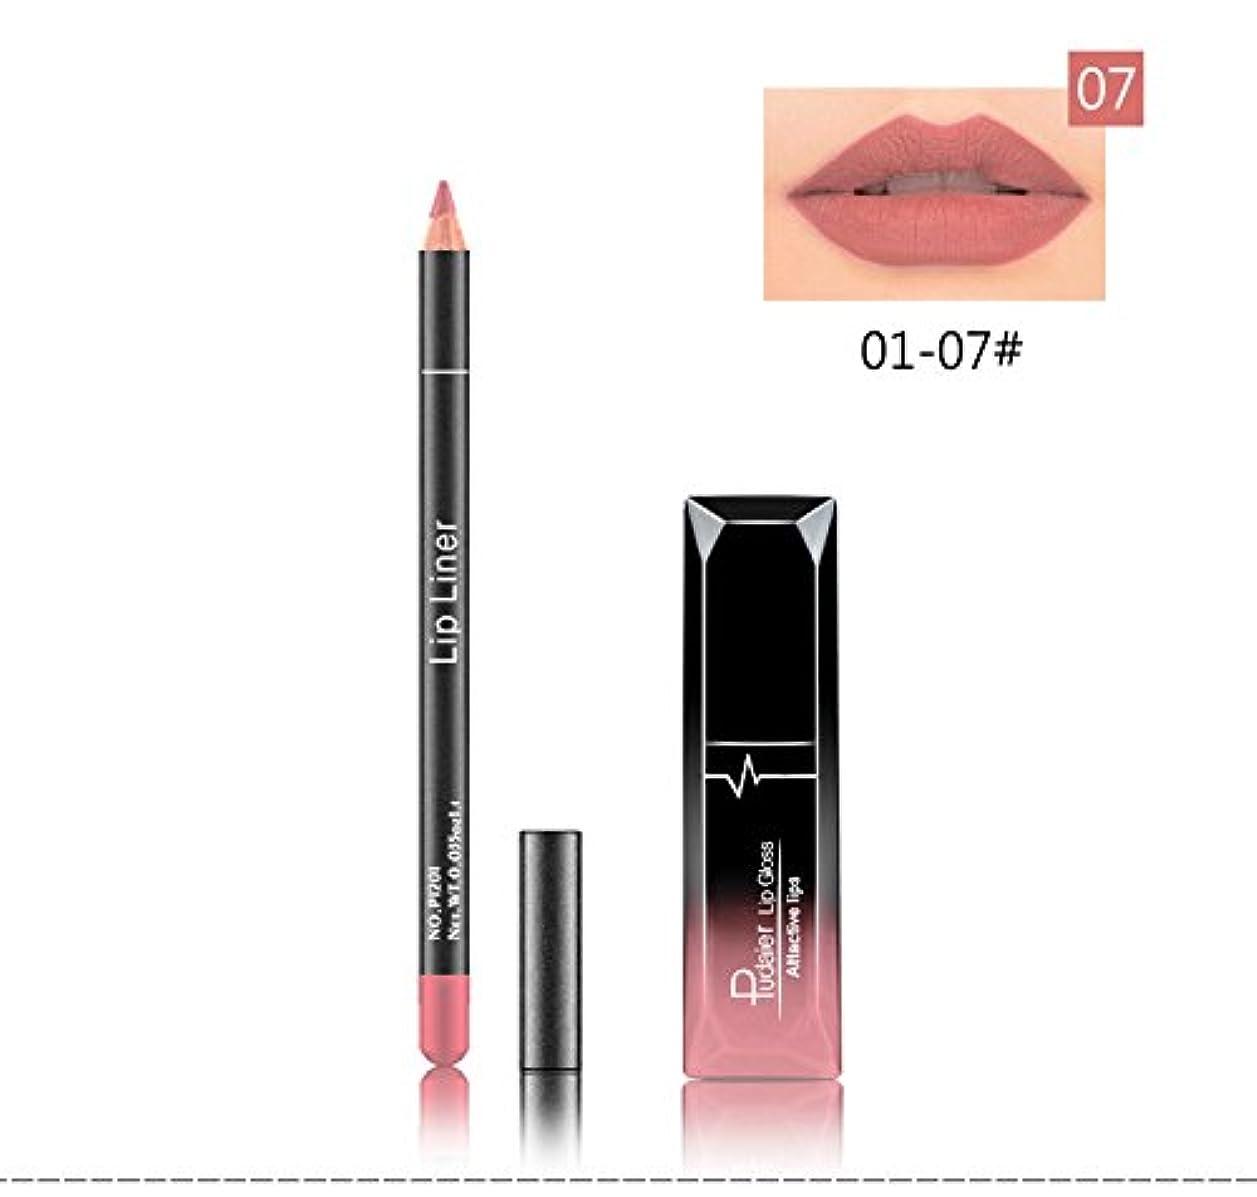 市民類推クレーン(07) Pudaier 1pc Matte Liquid Lipstick Cosmetic Lip Kit+ 1 Pc Nude Lip Liner Pencil MakeUp Set Waterproof Long...